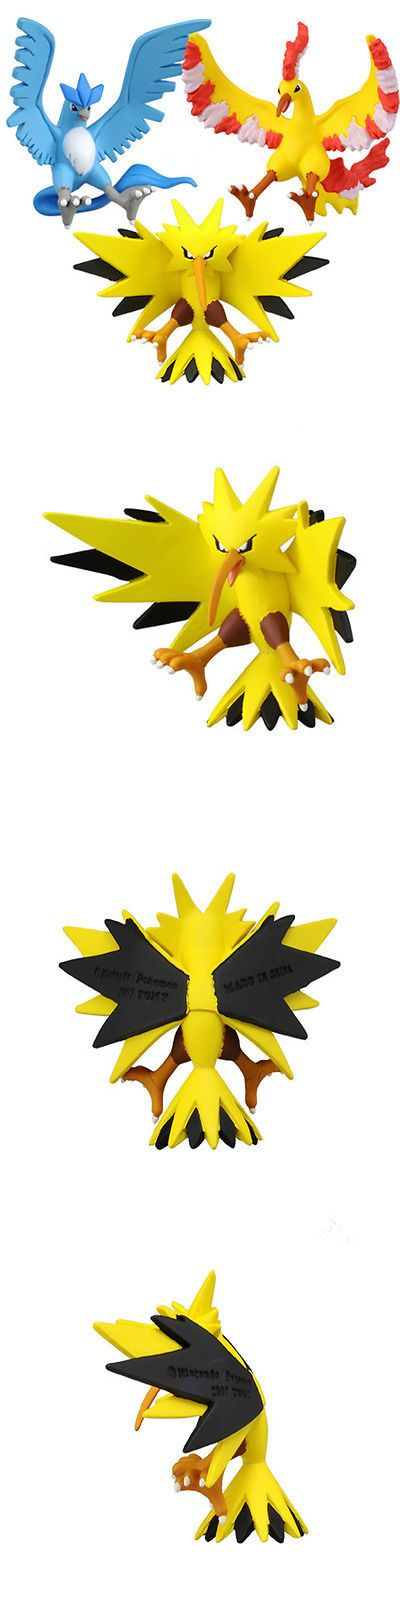 Pok mon 1524: Tokara Tomy 3 Pcs Set 2 Pokemon Articuno Zapdos Moltres Kids Action Figure Toys -> BUY IT NOW ONLY: $34.99 on eBay!